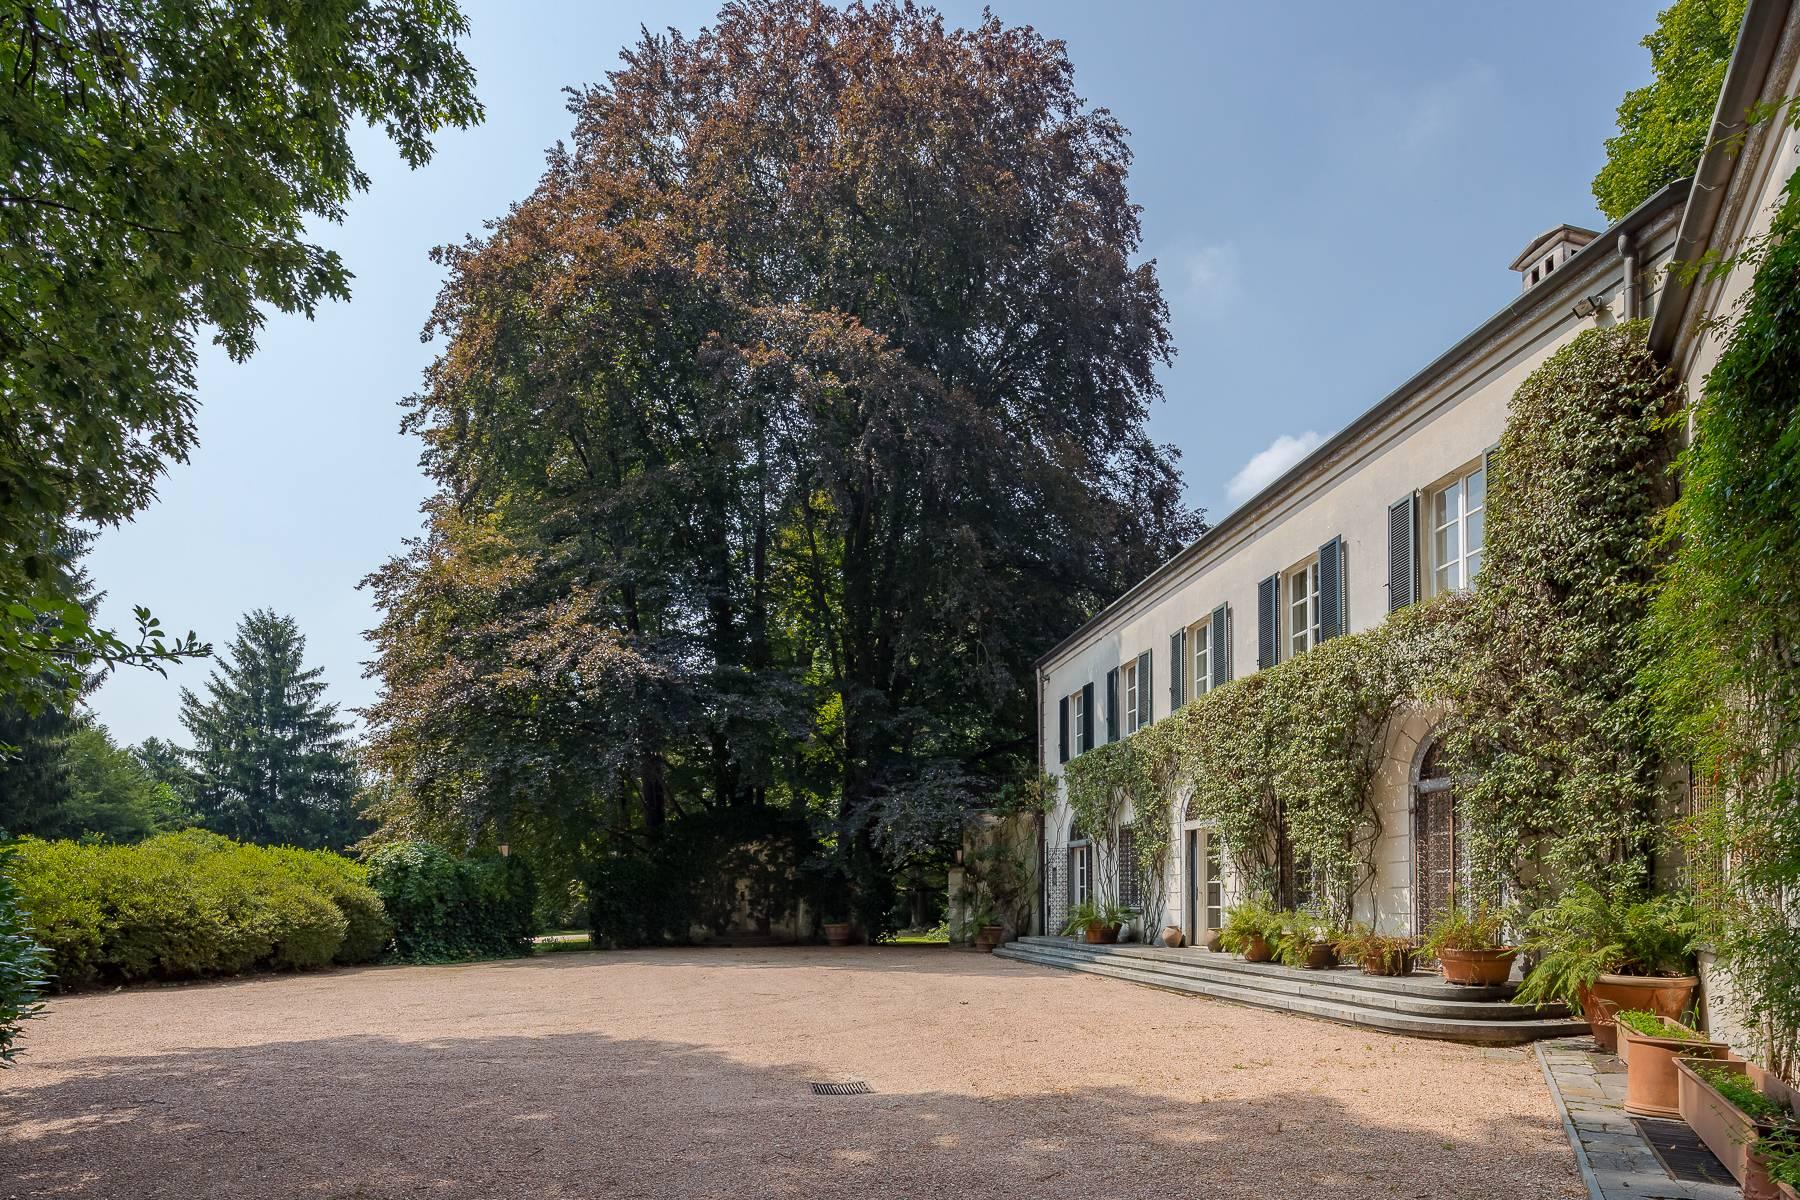 Villa in Vendita a Somma Lombardo: 5 locali, 750 mq - Foto 4